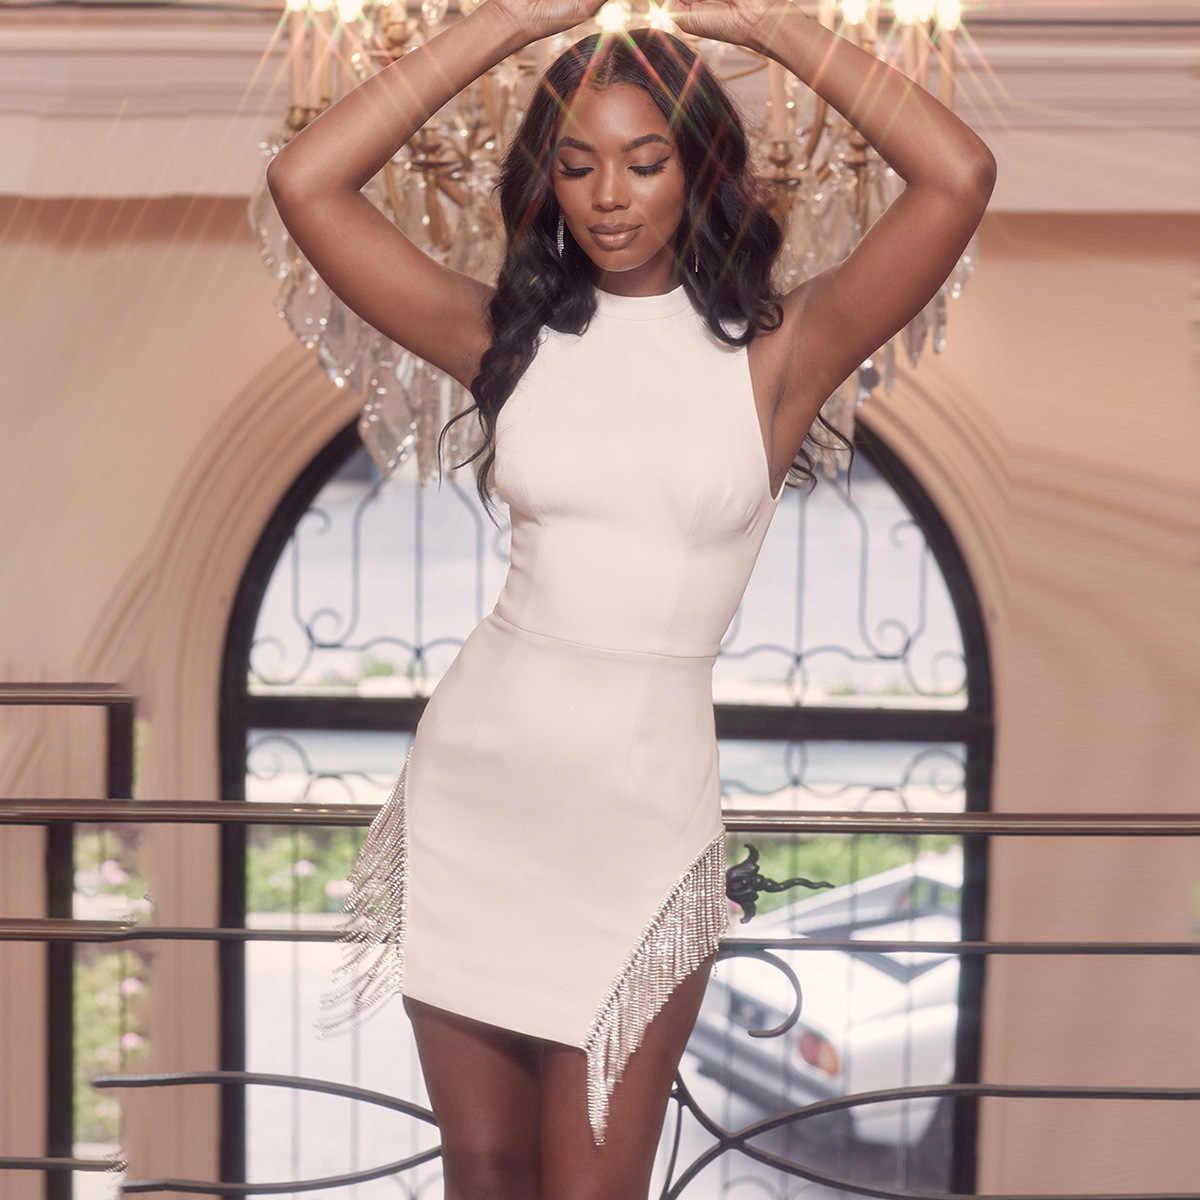 Justchicc סתיו אופנה לבן שמלת Bodycon צד ציצית סקסי שמלות נשים קצר Robe Femme מסיבת Nigthclub Vestidoes 2019